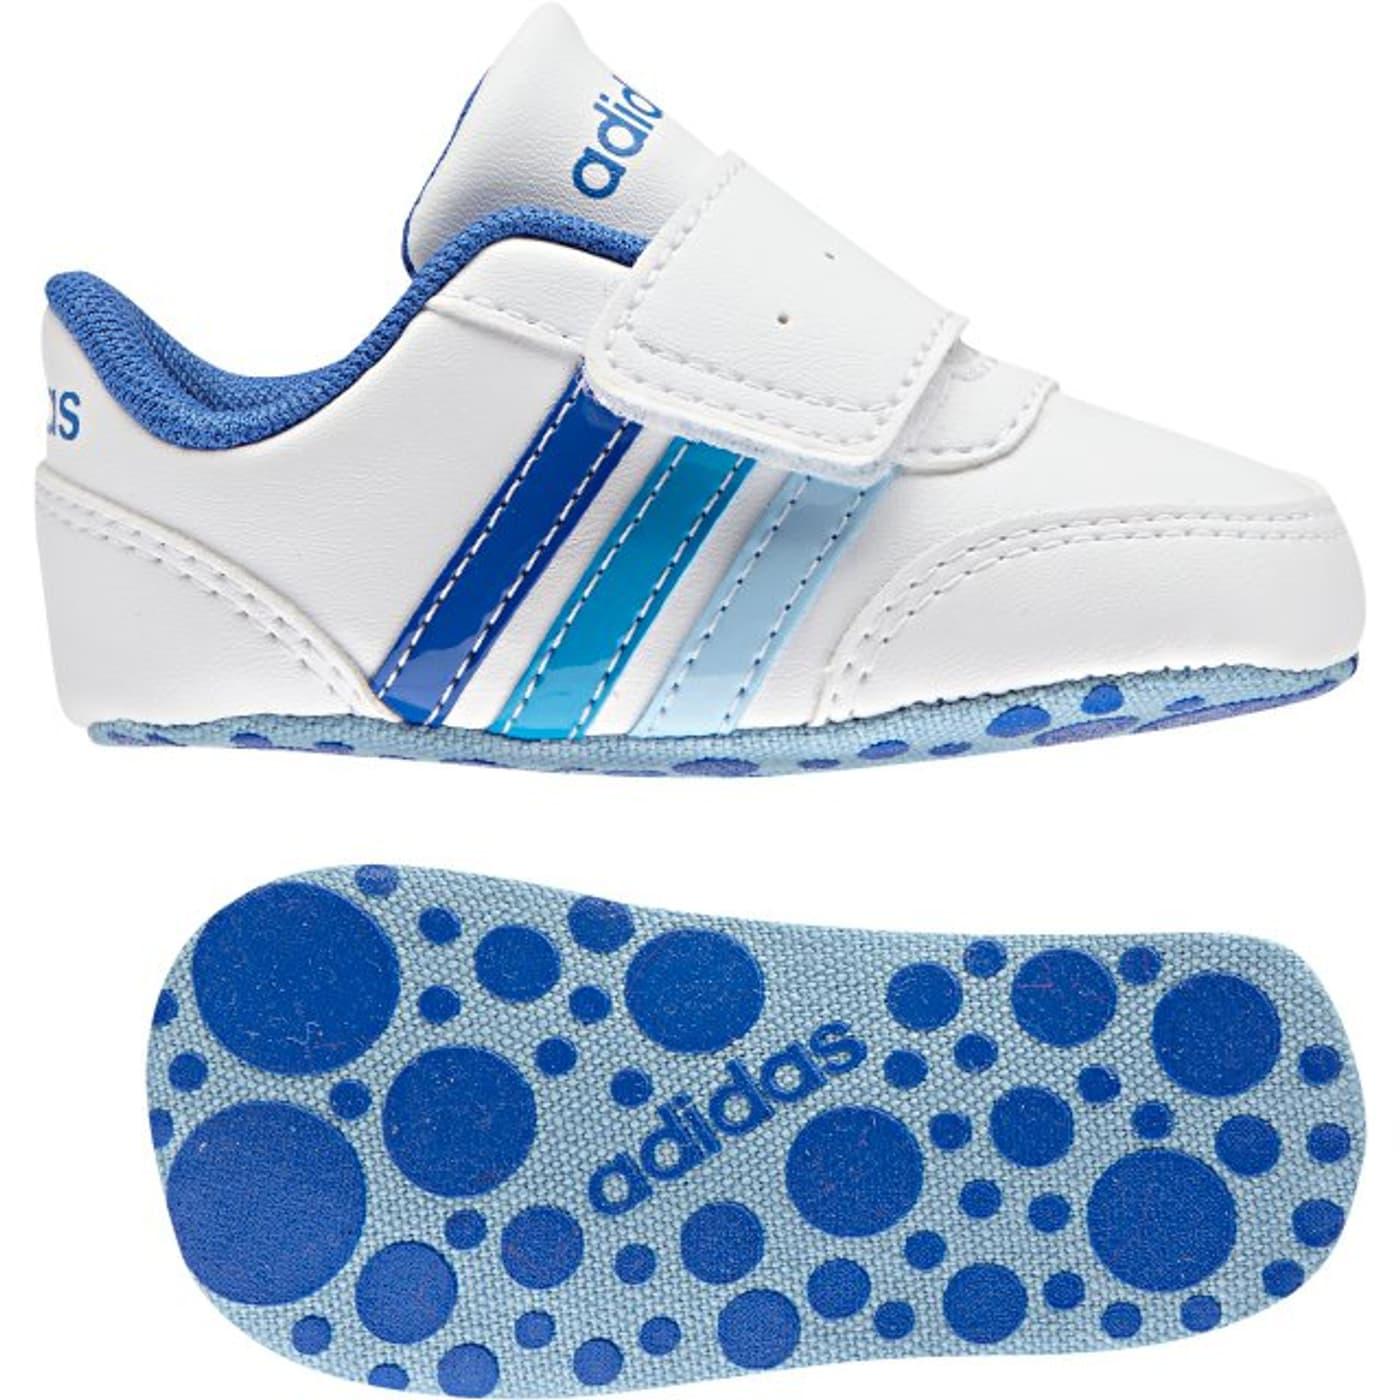 f8abffaf3a62c Adidas De Chaussures V Enfant Loisirs Crib Pour Migros Jog UTWrxAnU